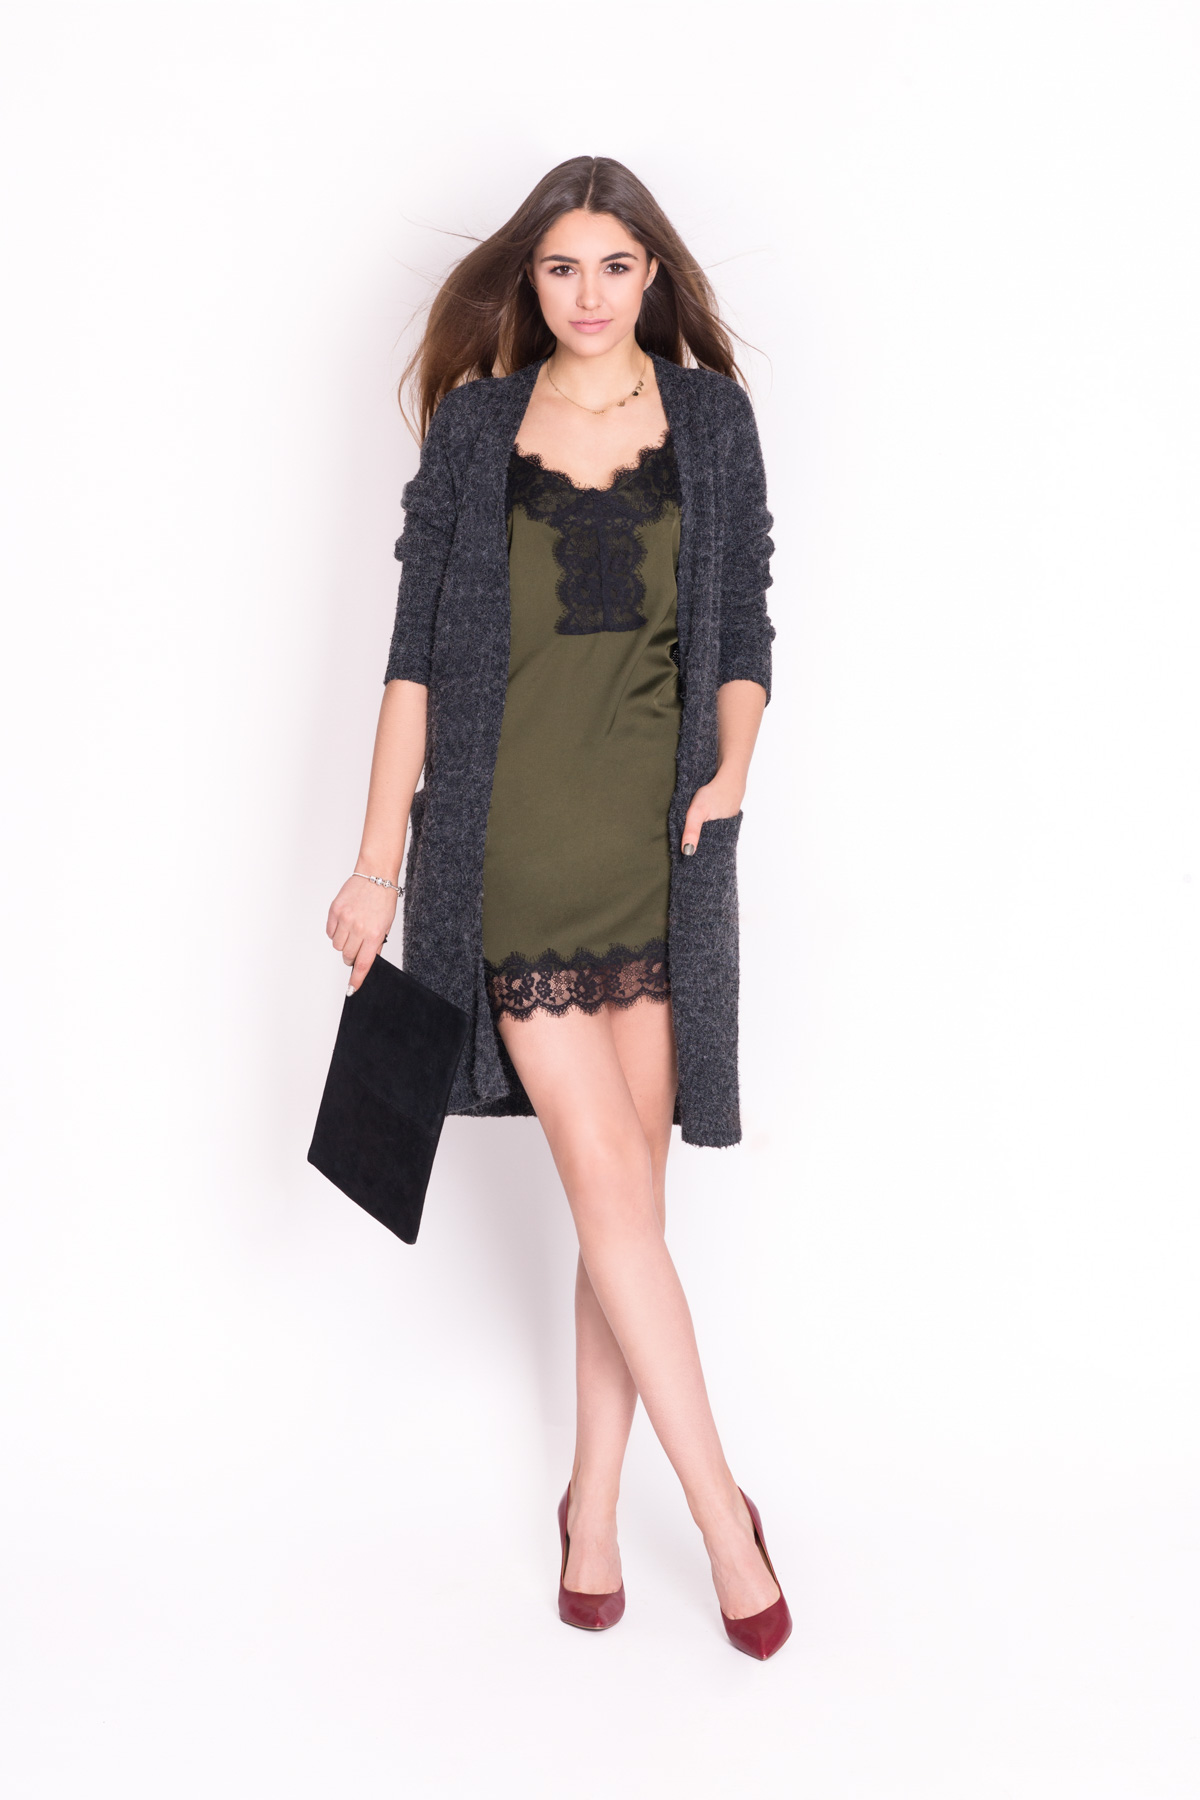 3. Stylizacja idealna na wieczorne wyjście. Sensualna sukienka w bieliźnianym stylu przełamana siwym kardiganem to stylowa propozycja na romantyczne wieczory.